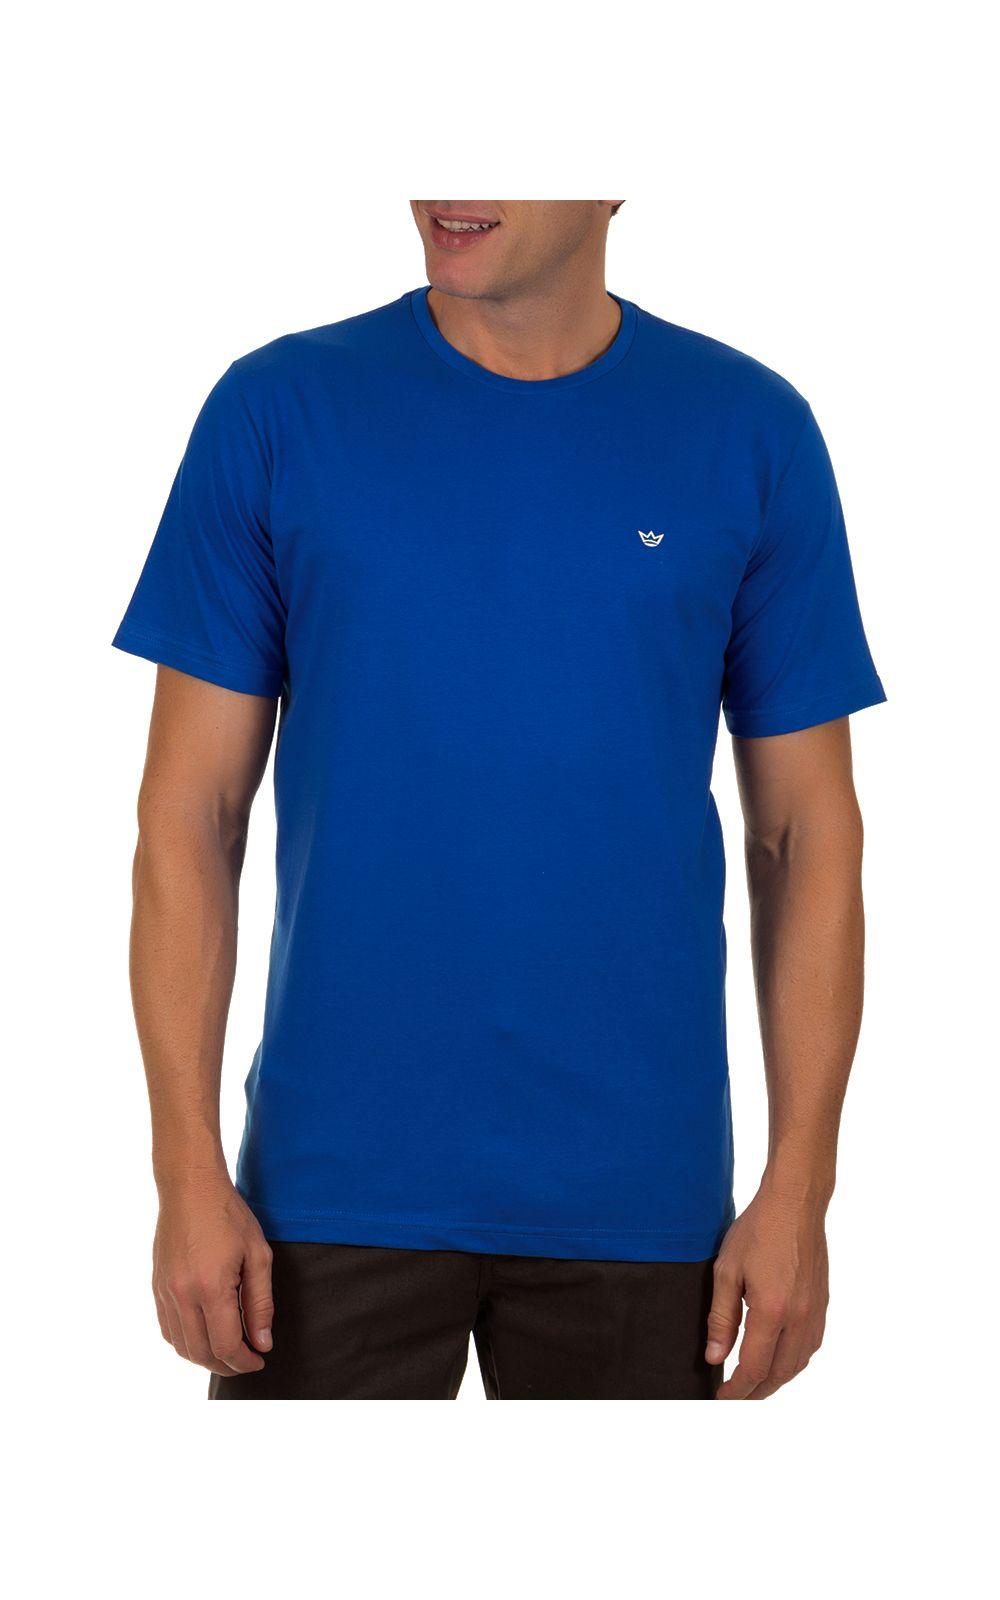 Foto 1 - Camiseta Masculina Azul Escuro Lisa